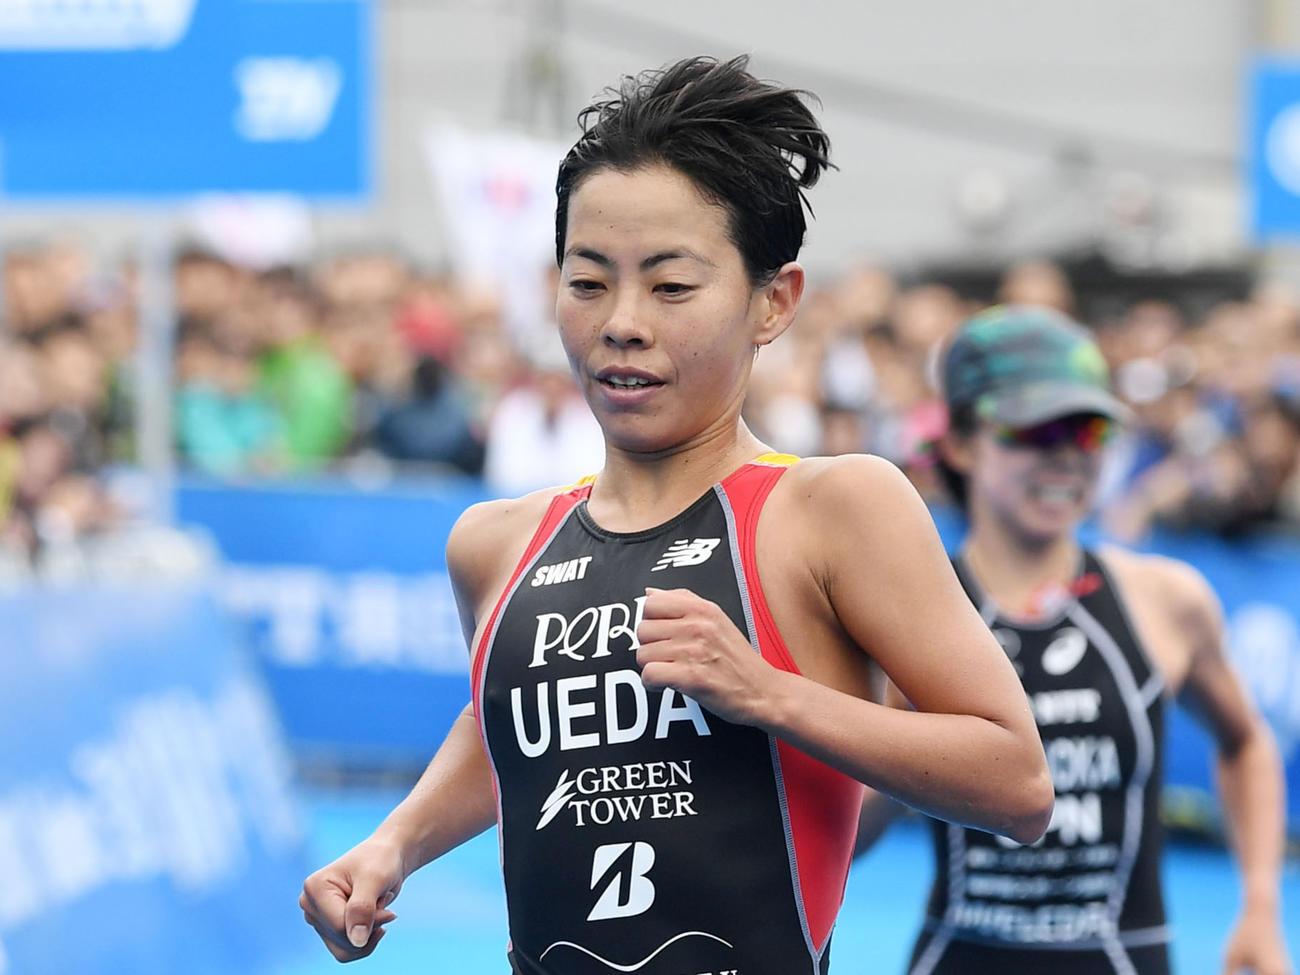 五輪競技先陣の世界トライアスロン 上田藍が27位